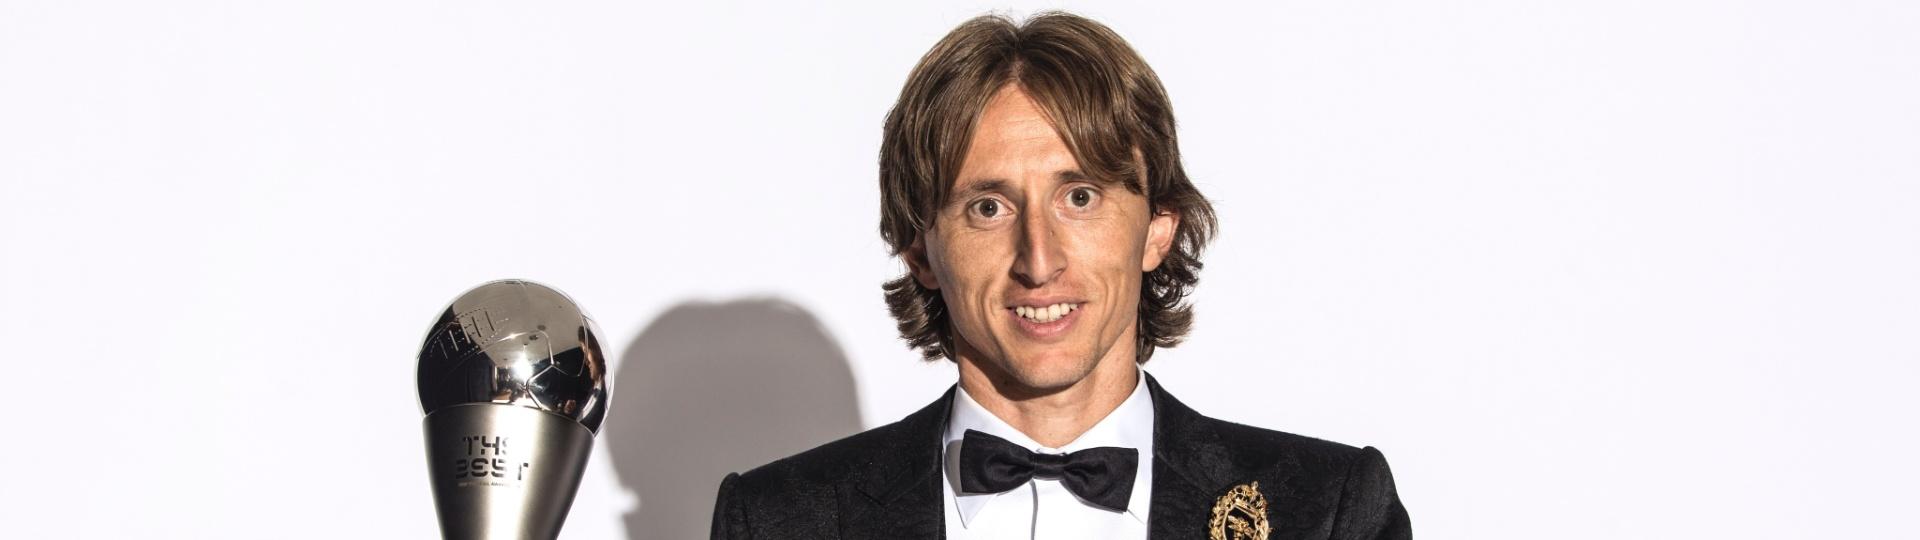 Luka Modric conquistou o prêmio